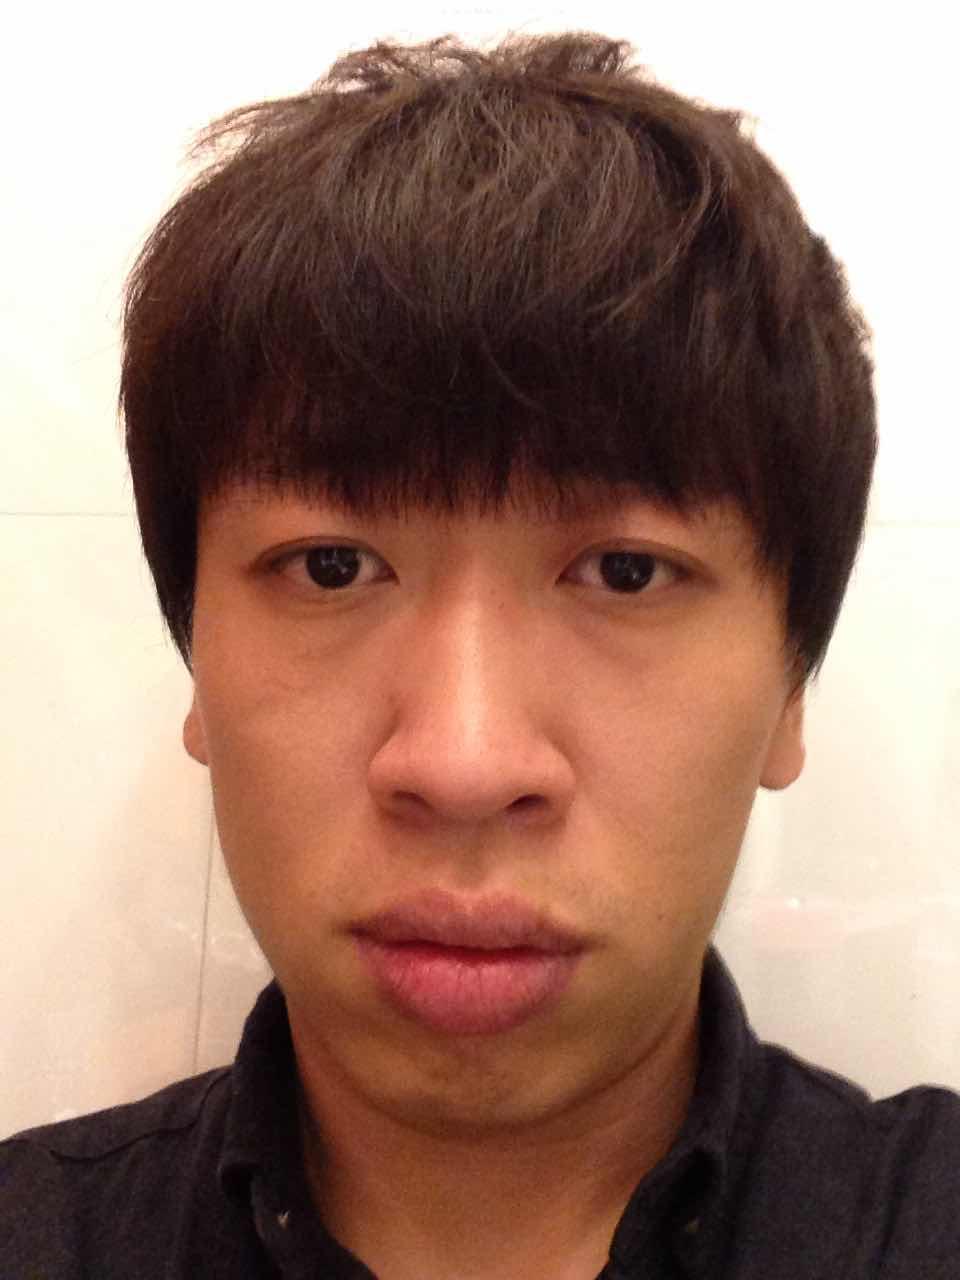 男人嘴唇厚能变薄吗,大家说说怎么整好看,能够年轻一点